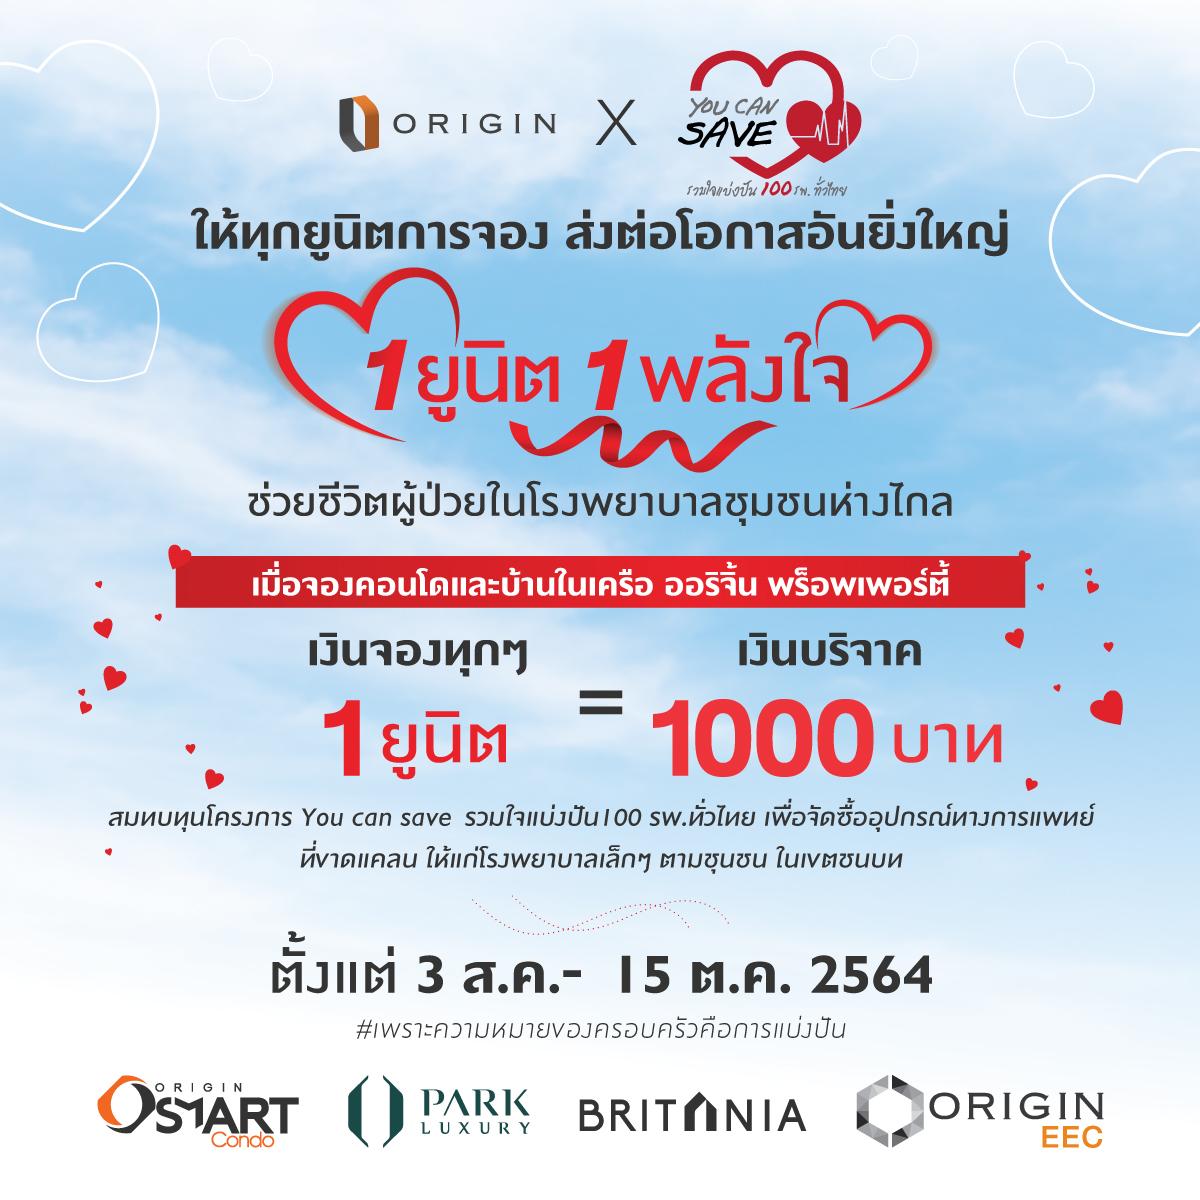 ORIGIN x You can save รวมใจแบ่งปัน 100 รพ.ทั่วไทย 😊ให้ทุกยูนิตการจอง ส่งต่อโอกาสอันยิ่งใหญ่ เมื่อจองโครงการคอนโดมิเนียมหรือบ้าน ในเครือ ออริจิ้น พร็อพเพอร์ตี้ 🏢🏠